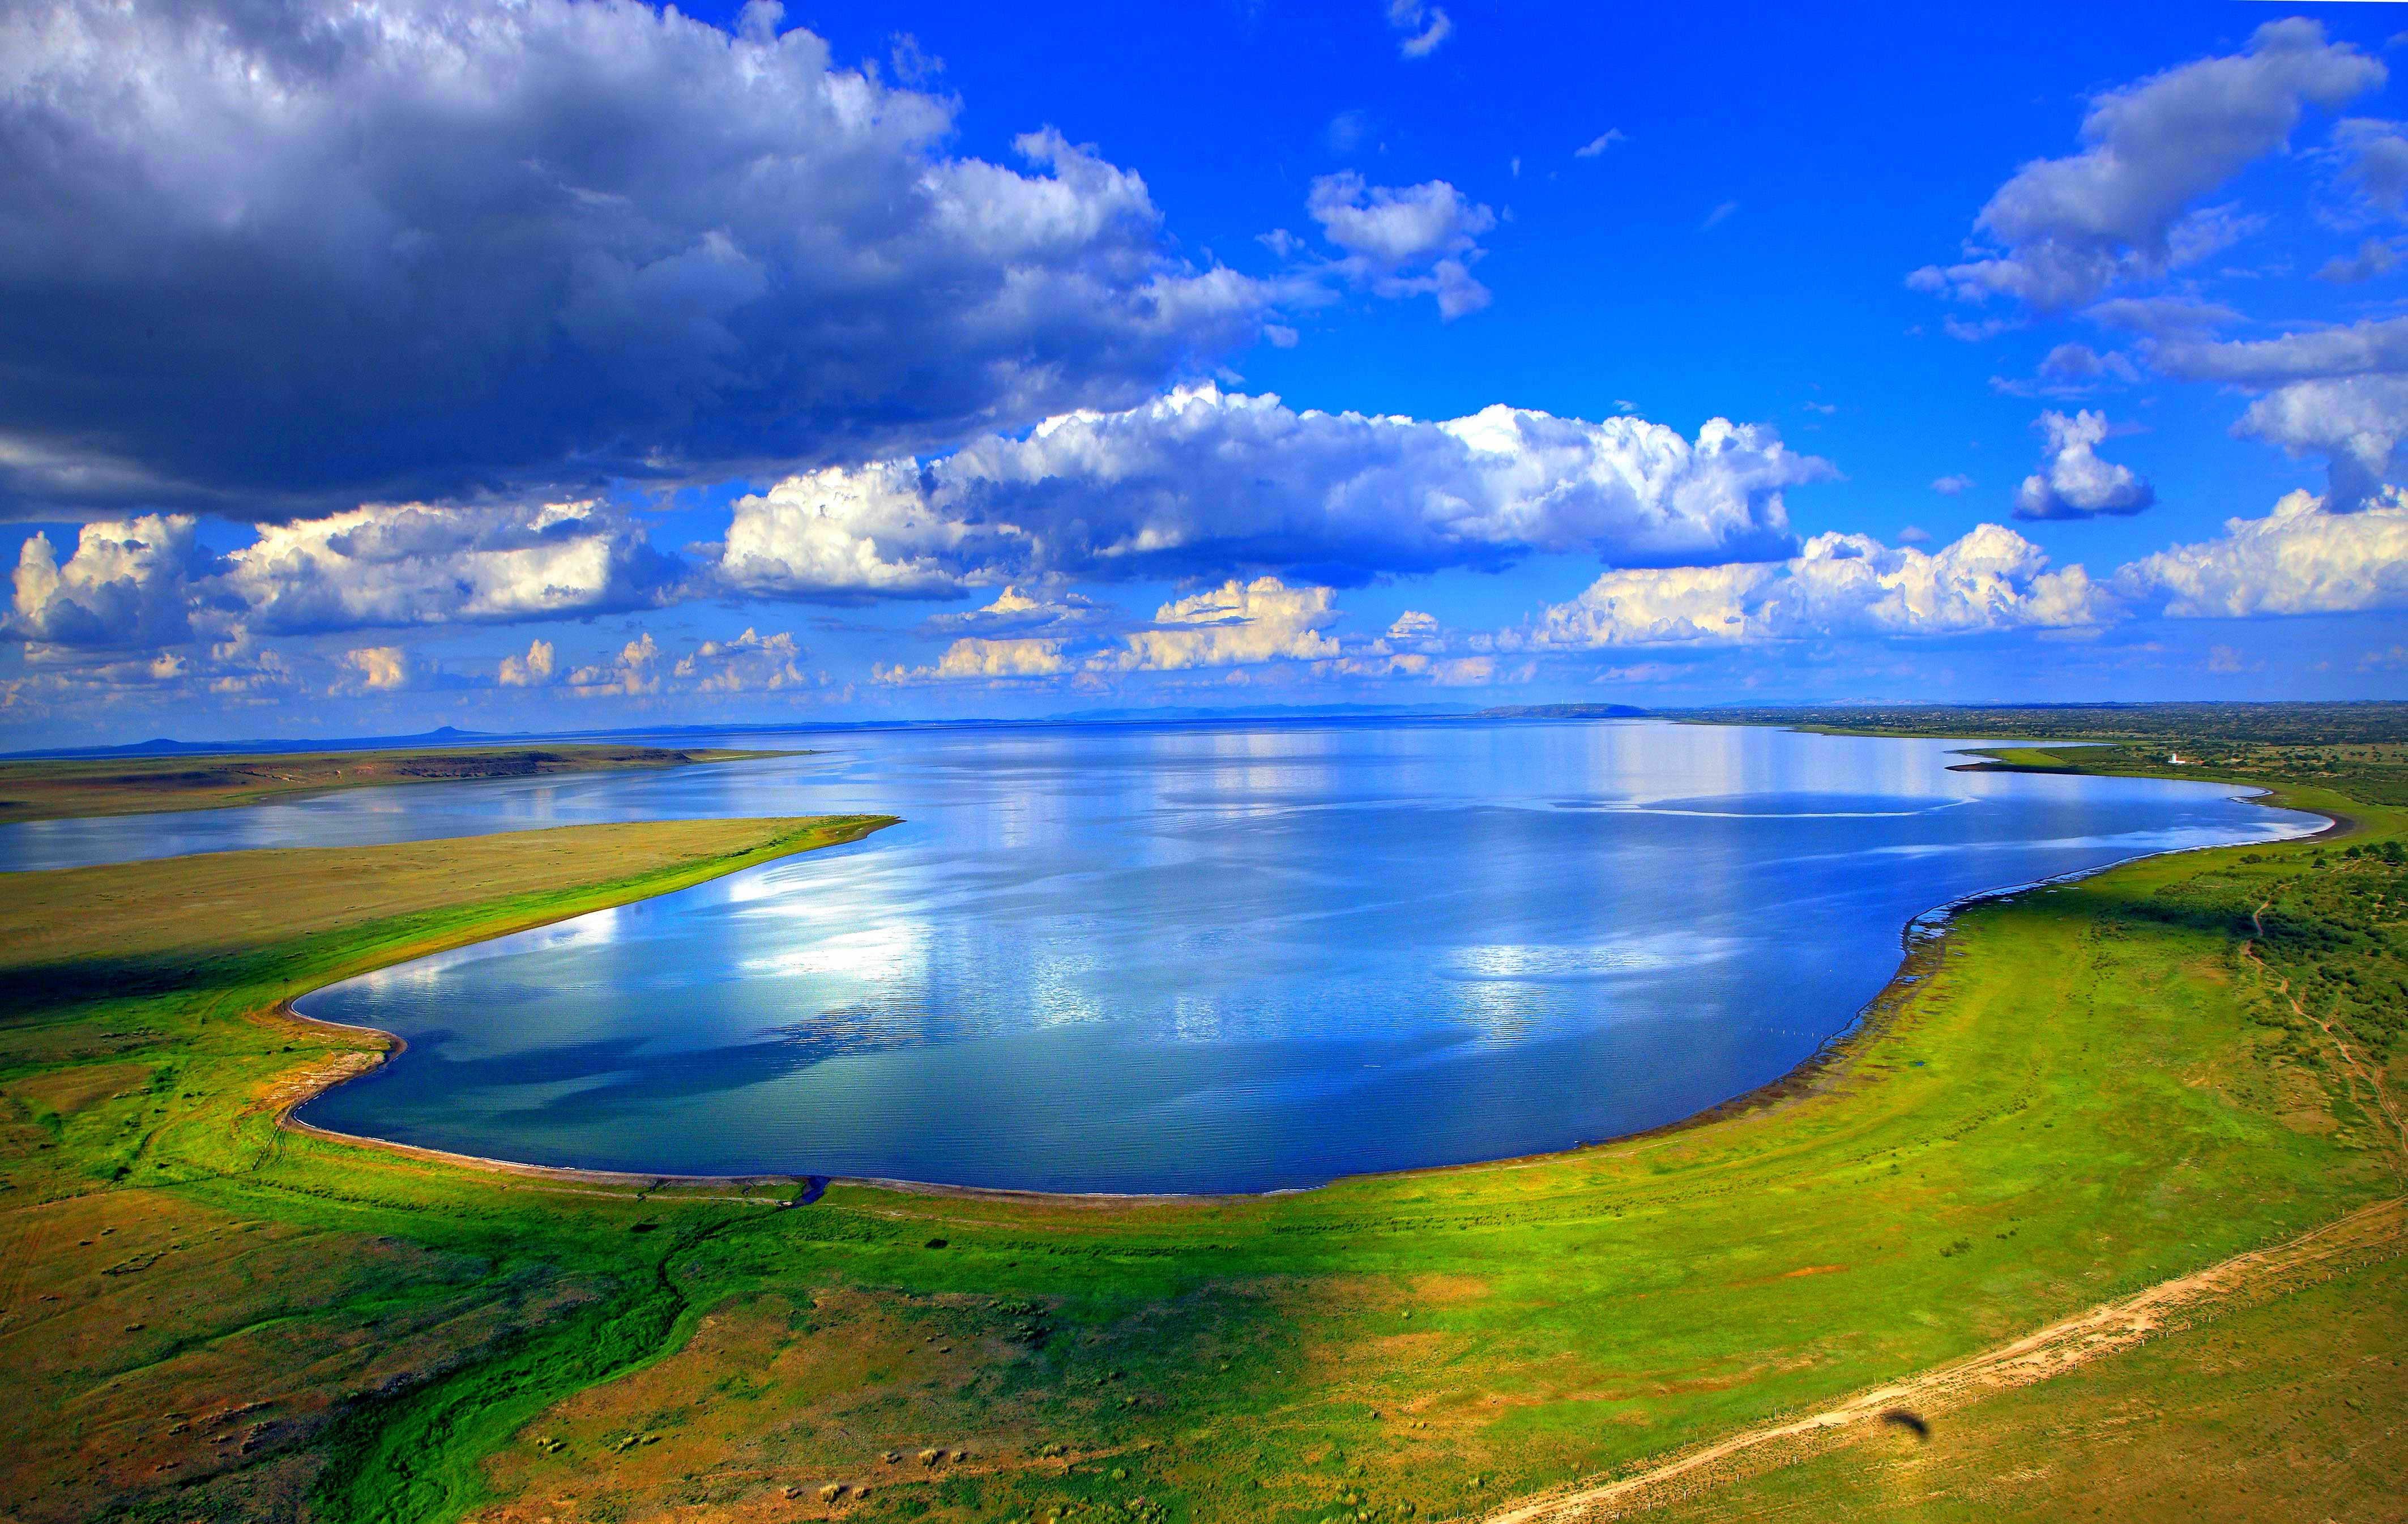 内蒙古赤峰市交通局_辽宁朝阳和内蒙赤峰哪个城市比较好一些-赤峰有哪些地区